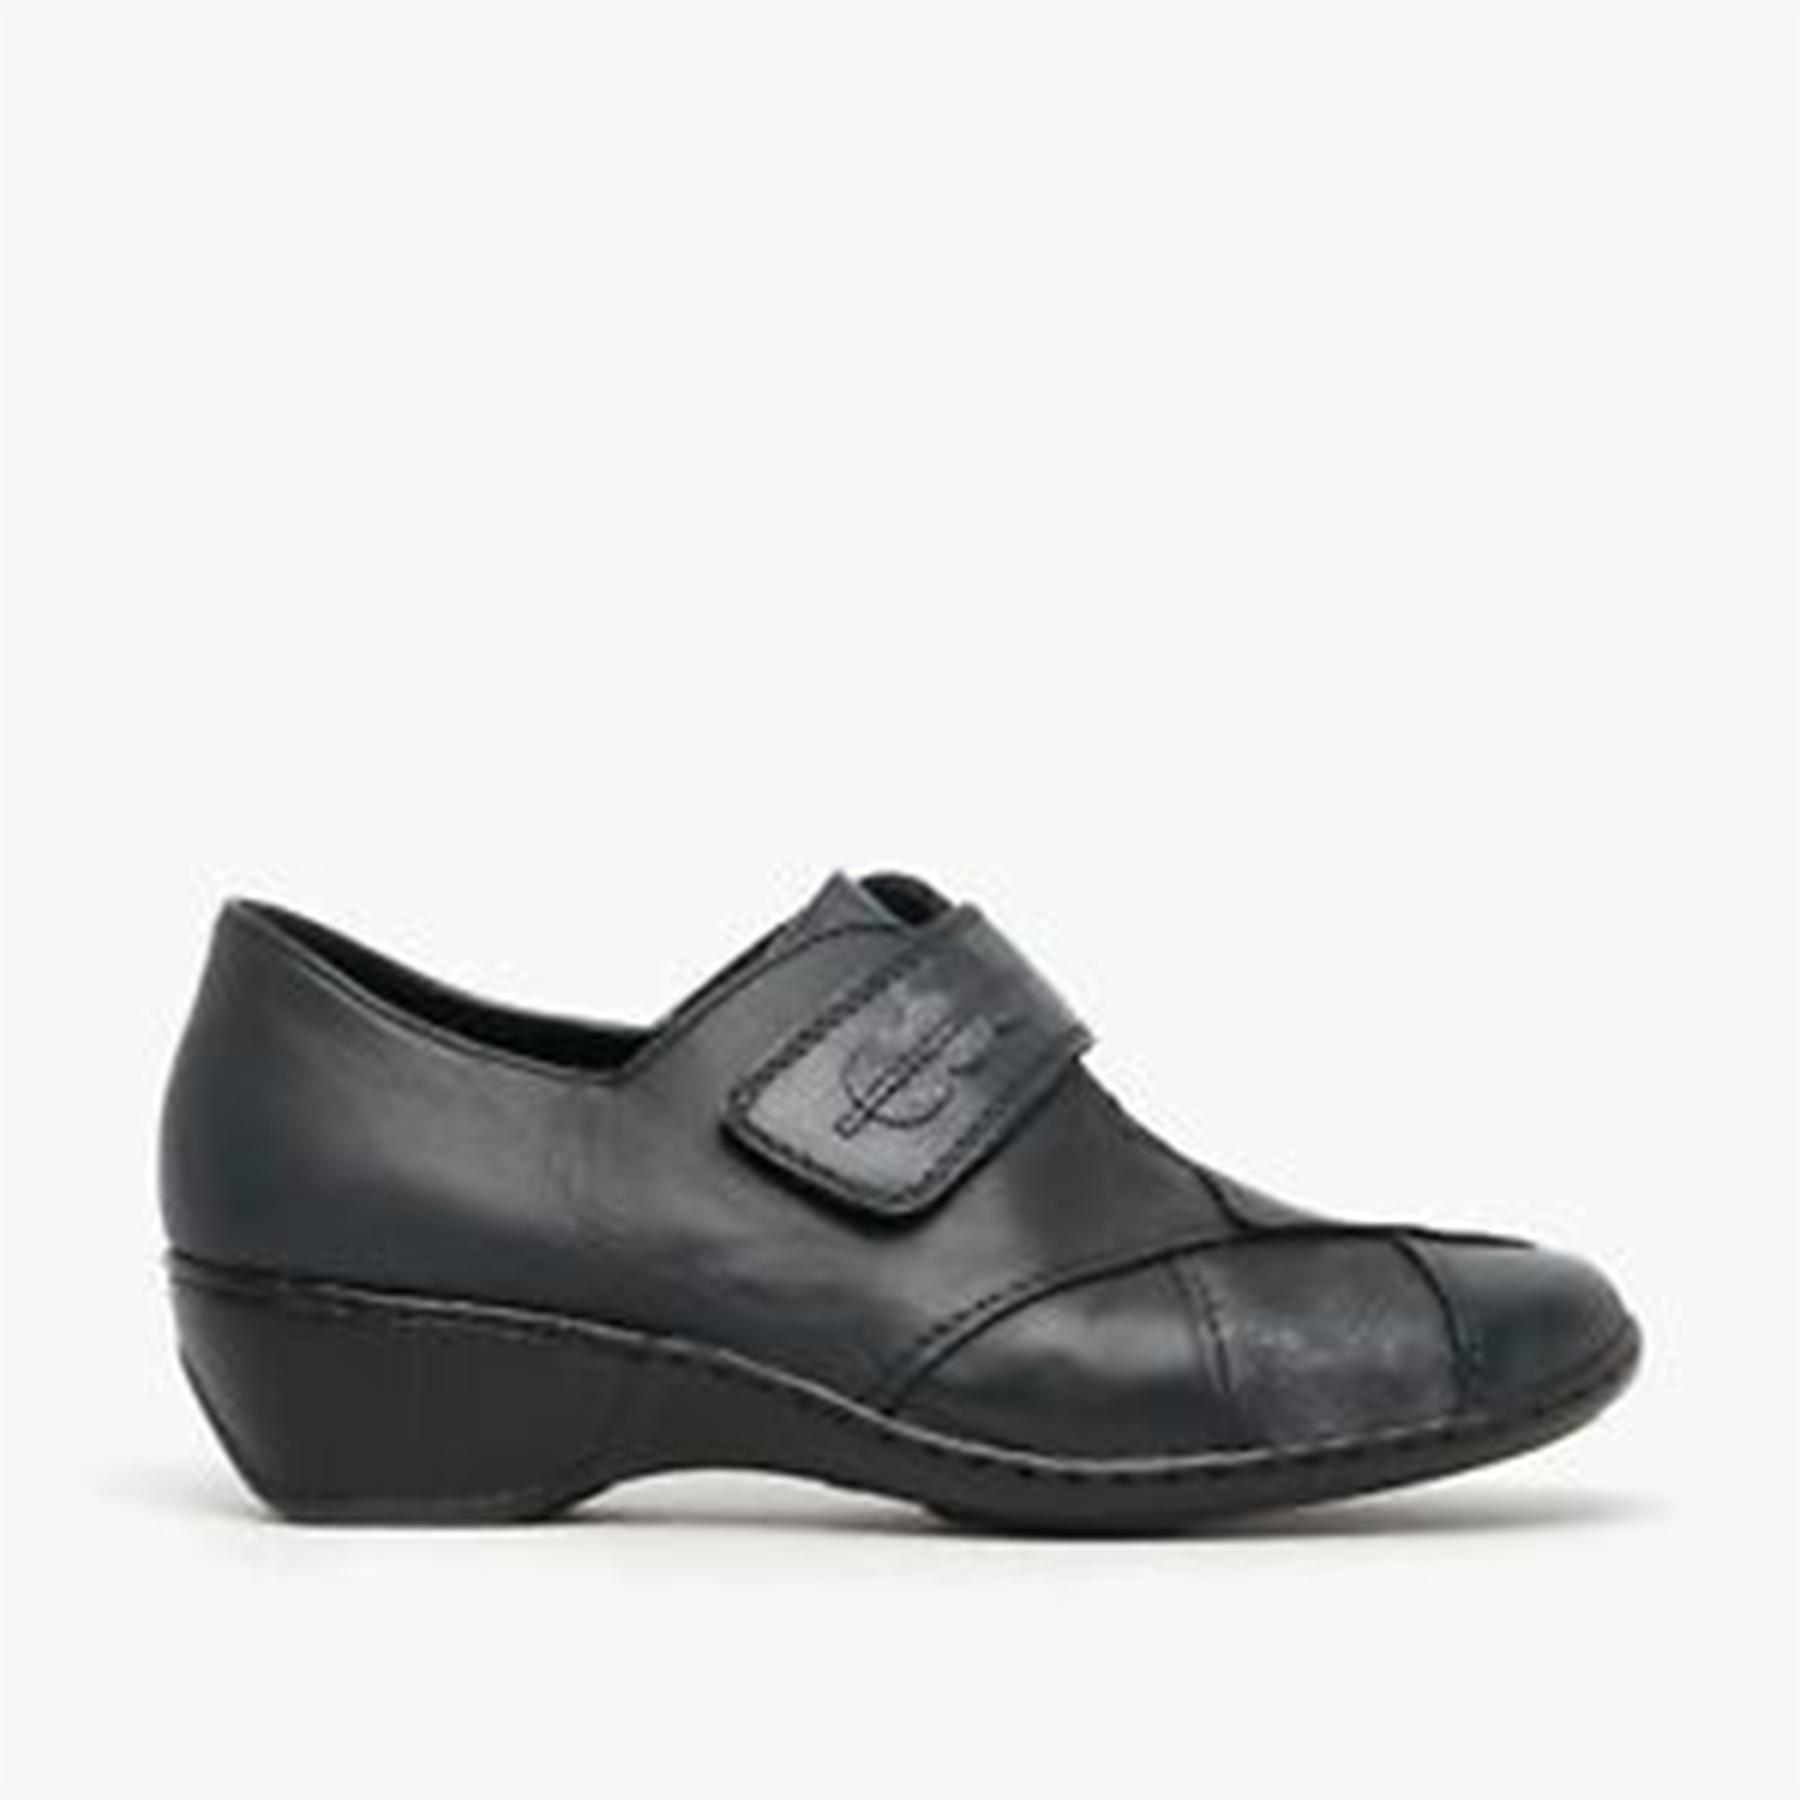 Rieker 47152-14 Ladies Navy Leather Hook and Loop Shoes